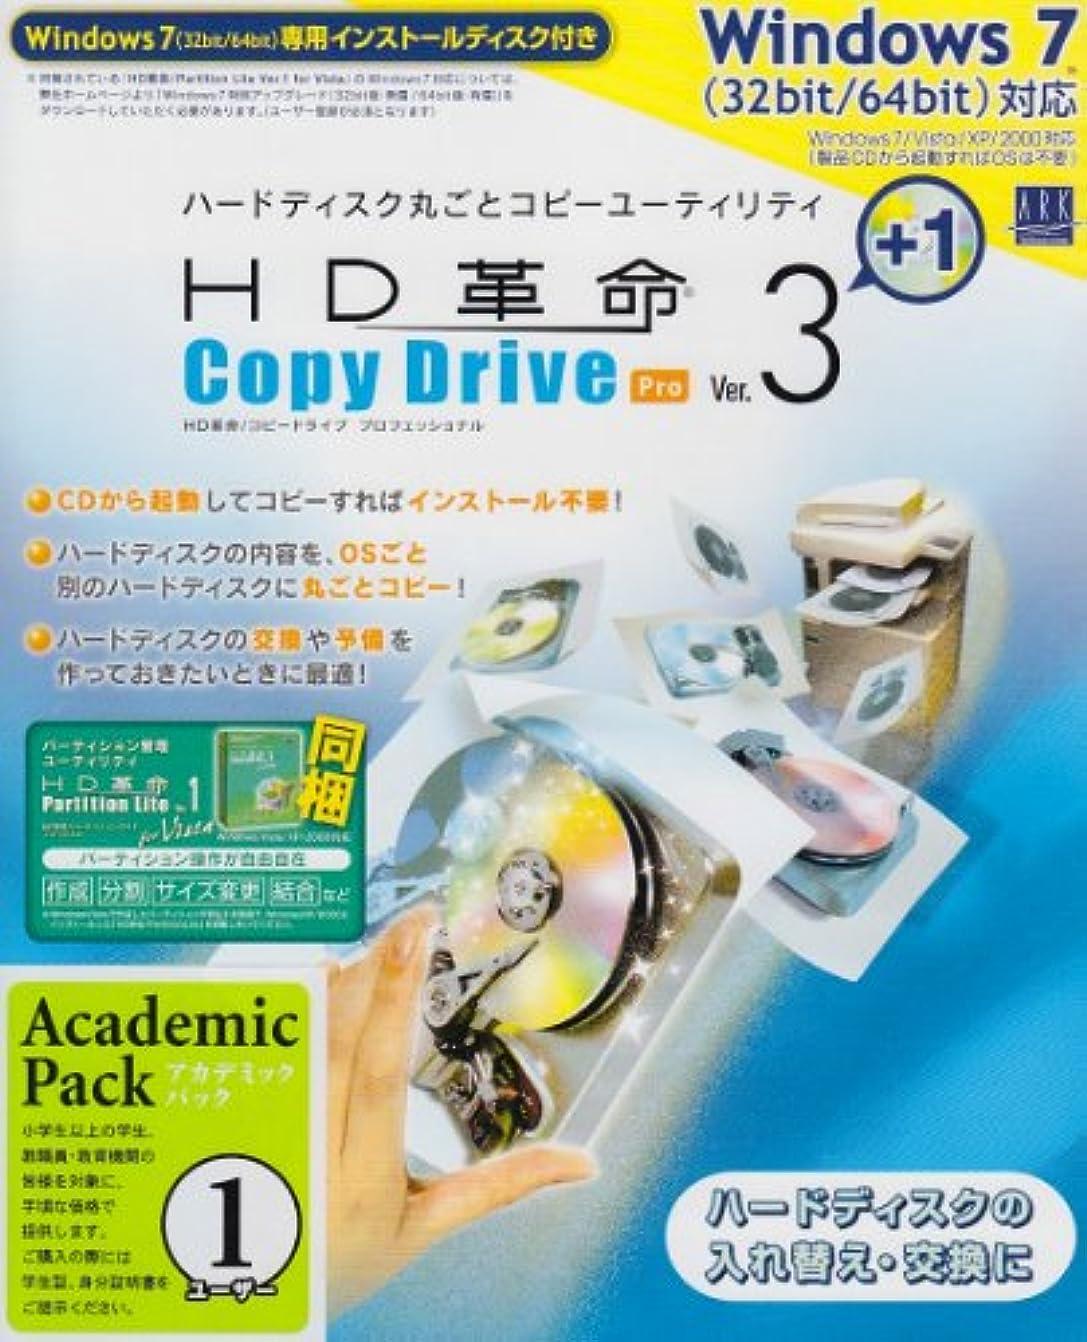 アルネ人種HD革命/CopyDrive Ver.3 for Windows7 Pro アカデミック1ユーザー